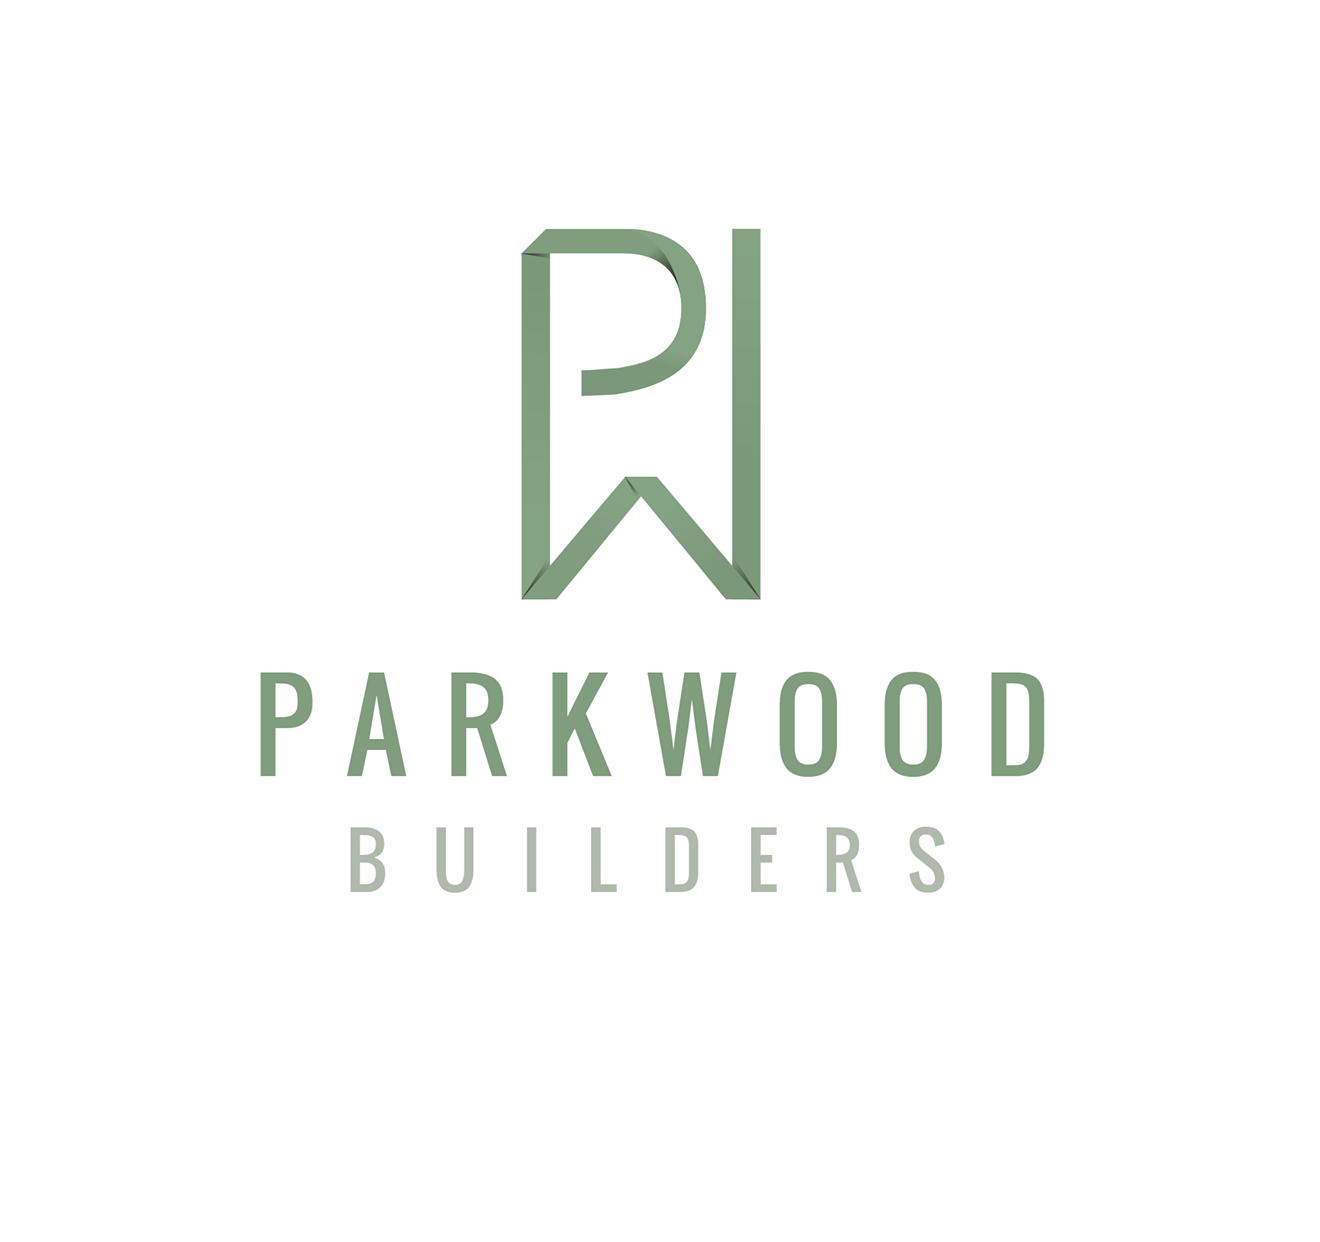 Parkwood Builders